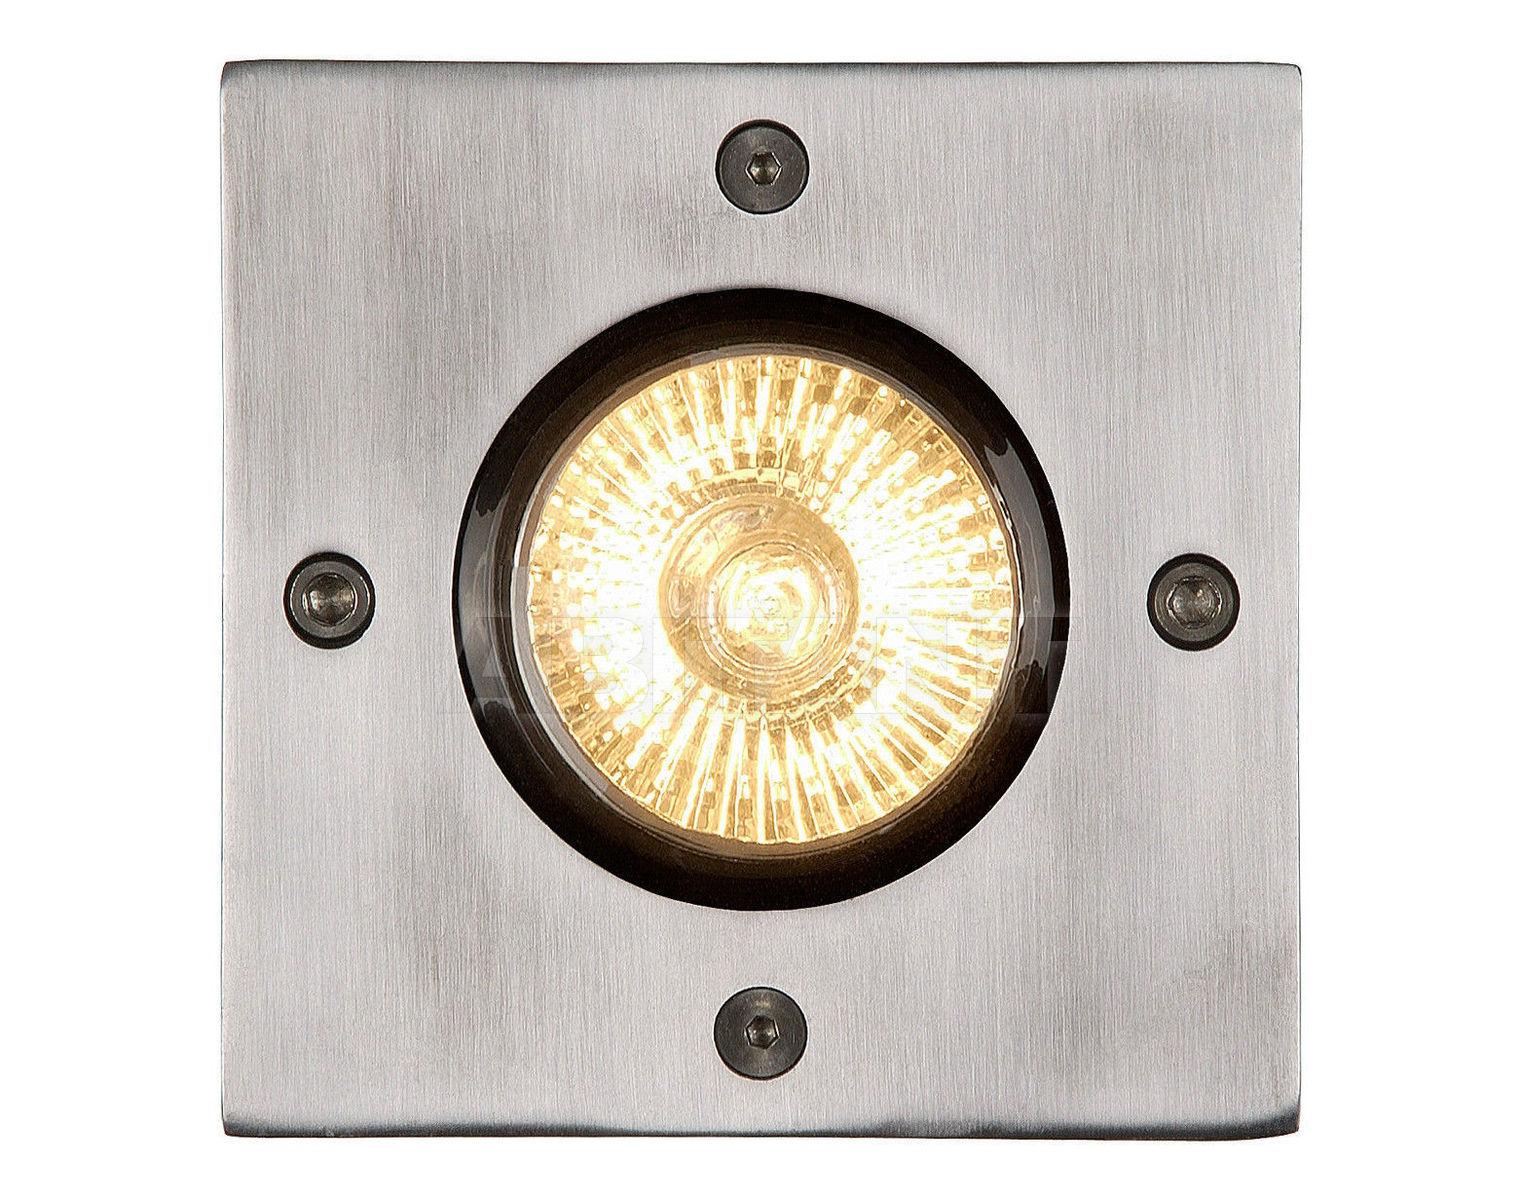 Купить Встраиваемый светильник RECESSED Lucide  Outdoor 2013 11800/21/12